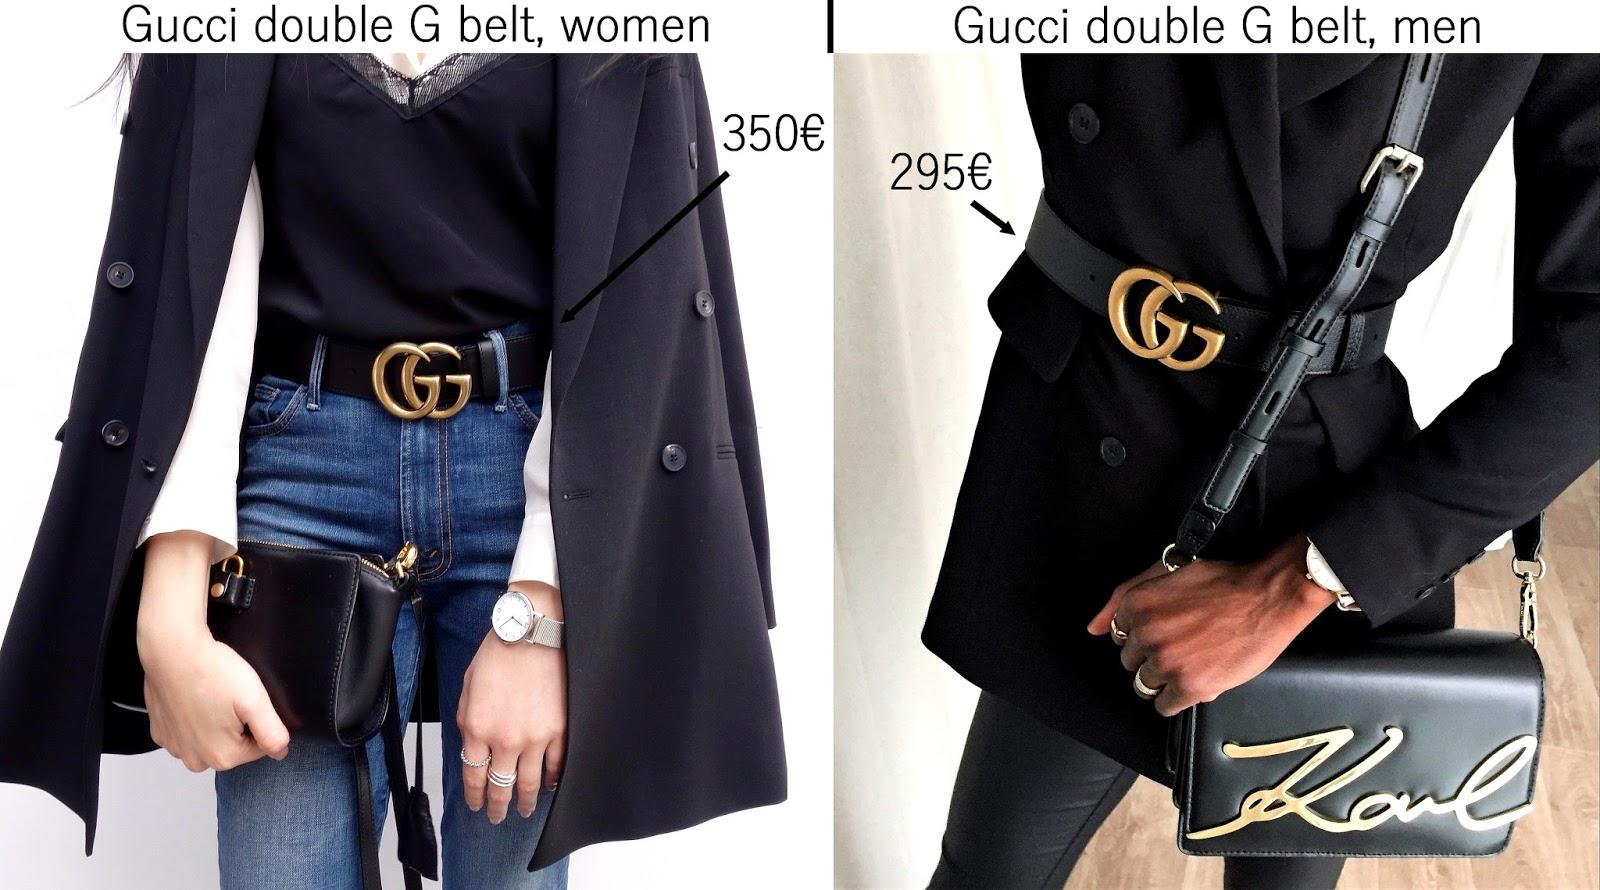 f1d69db9789 Ceinture Gucci Femme Double G